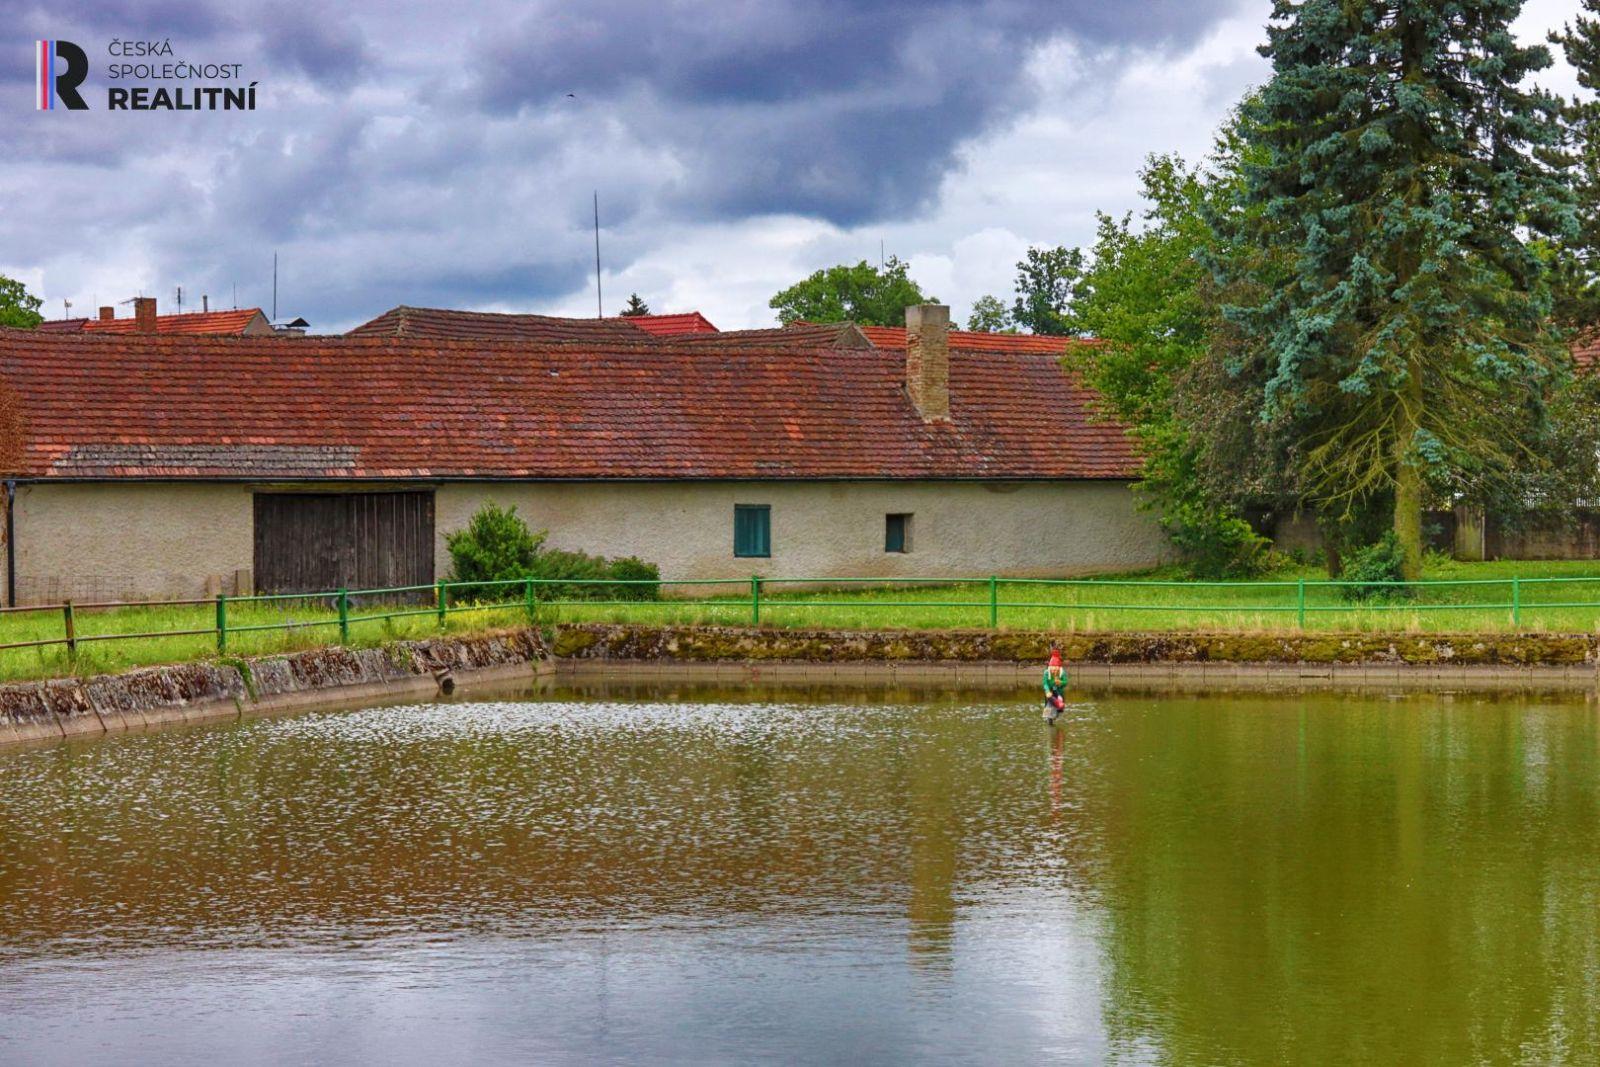 Kupte si zachovaléstavení kousek od zámku Hluboká